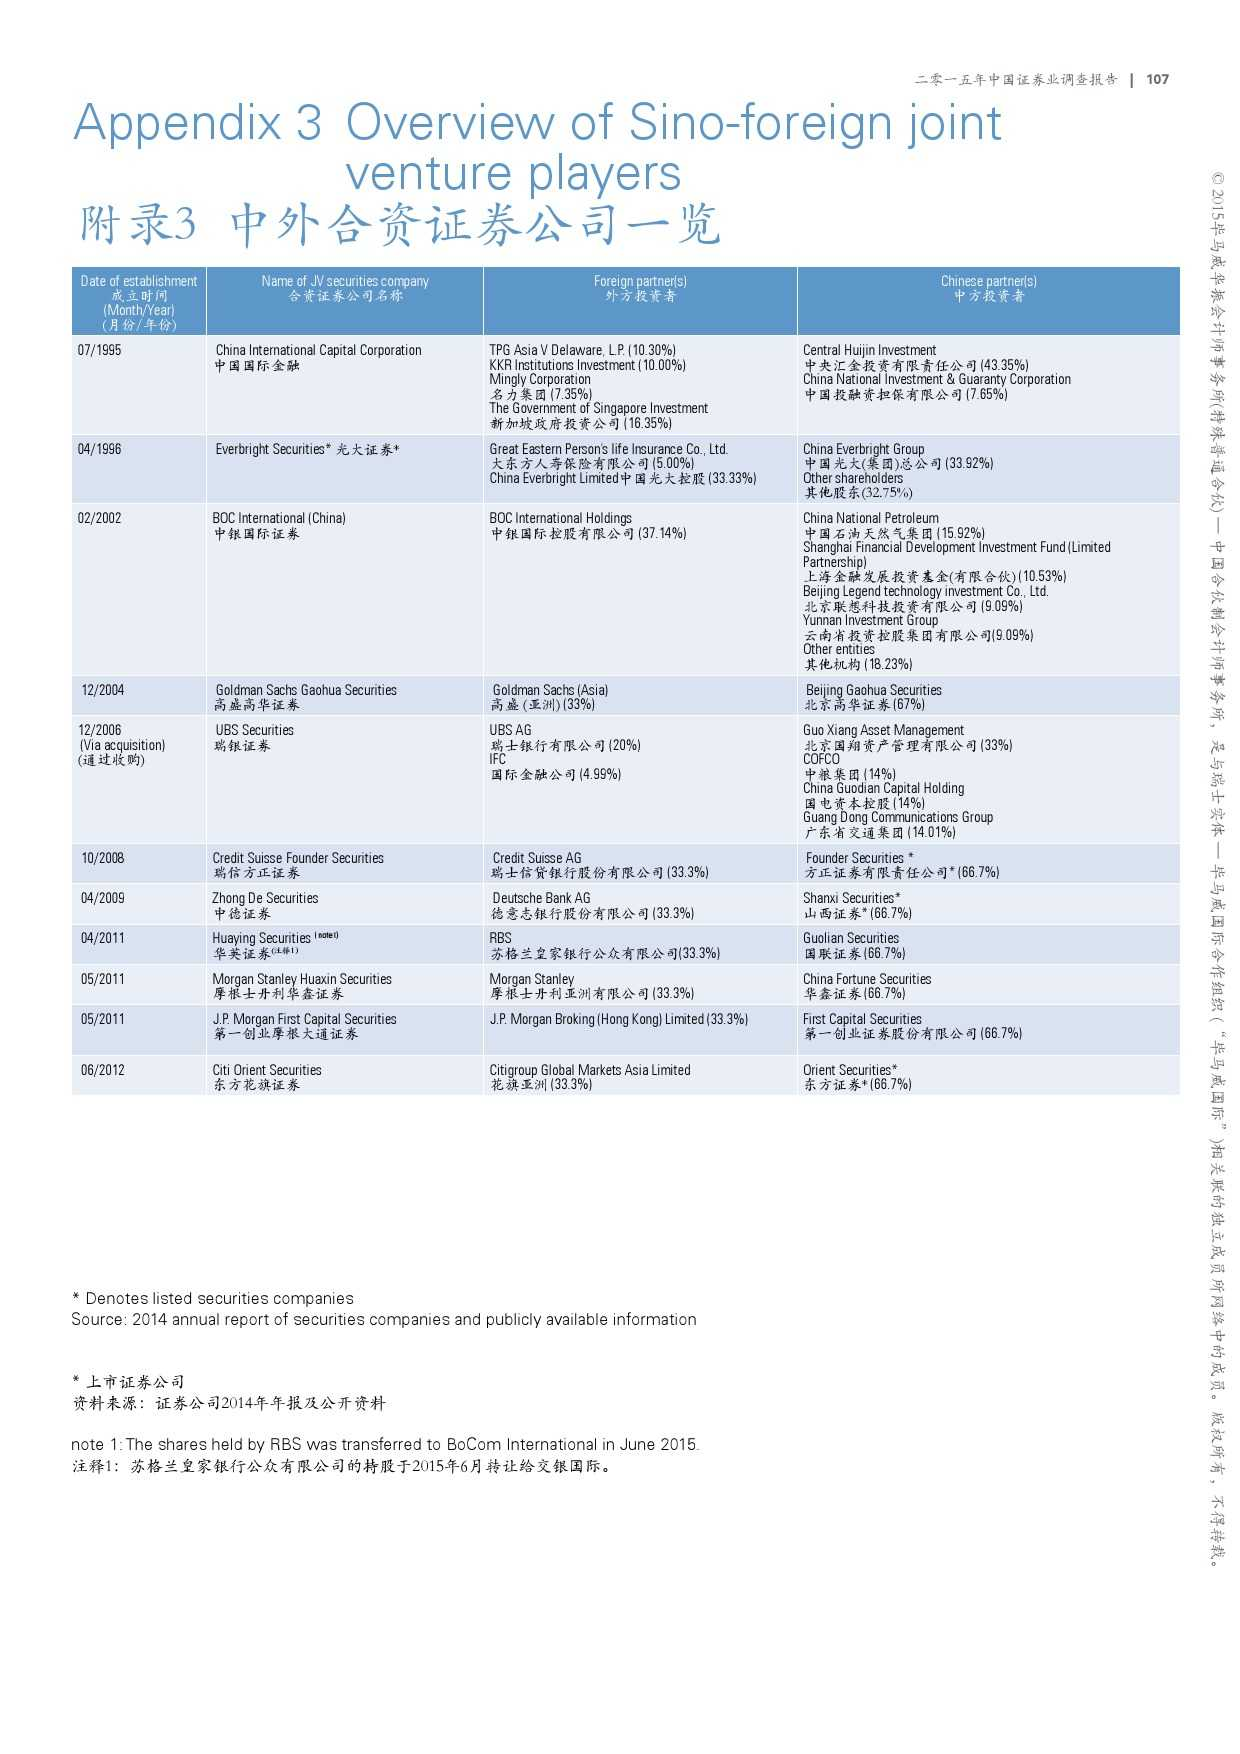 毕马威:2015年中国证券业调查报告_000109